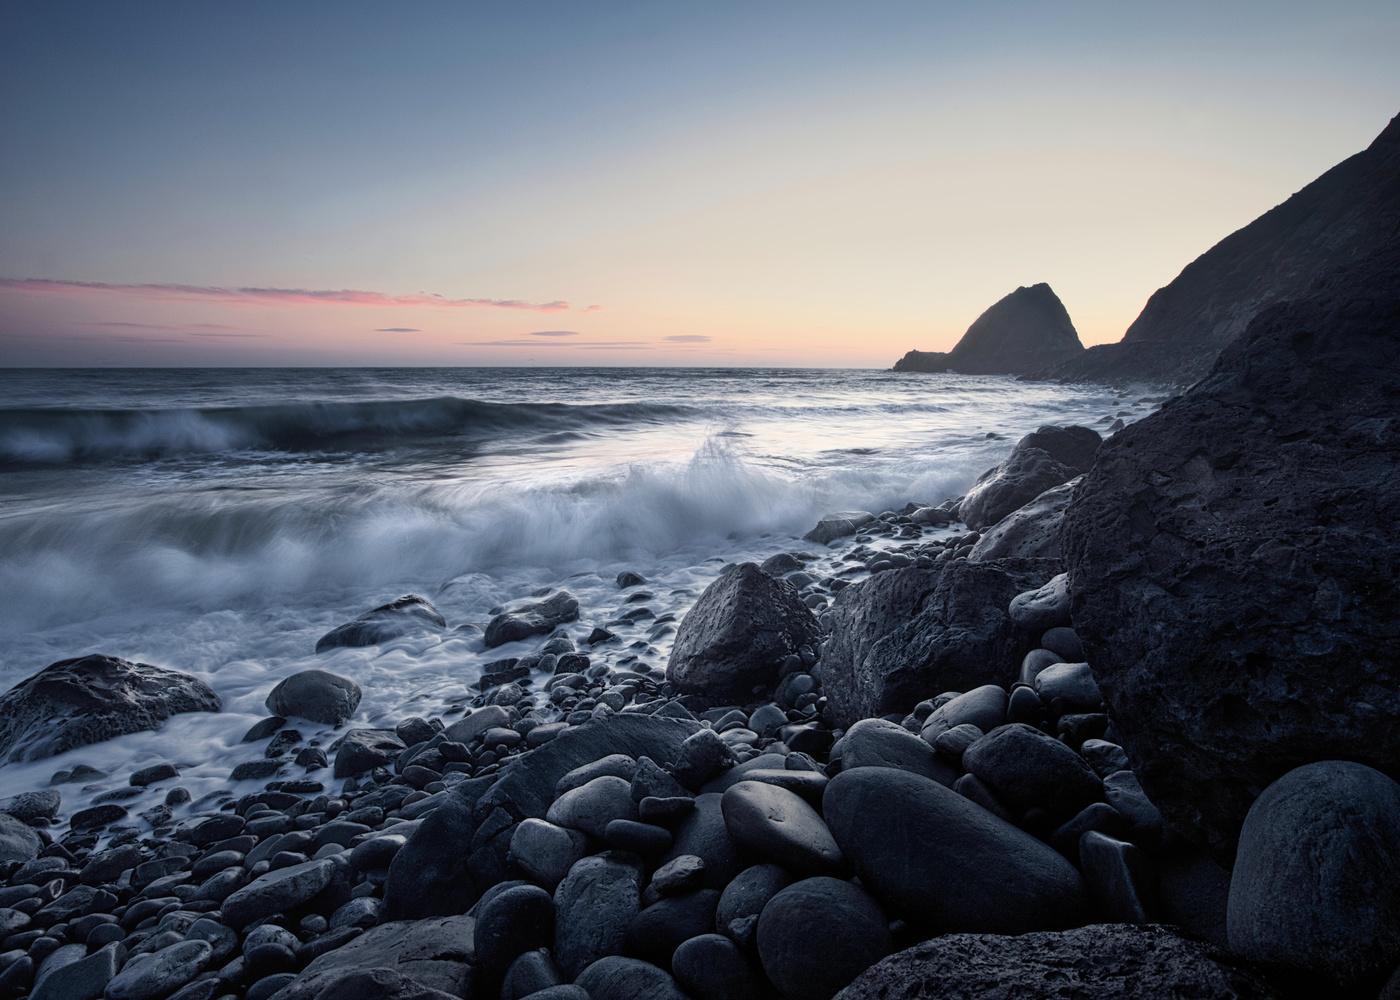 Point Mugu Malibu Sunset by Chad Wanstreet